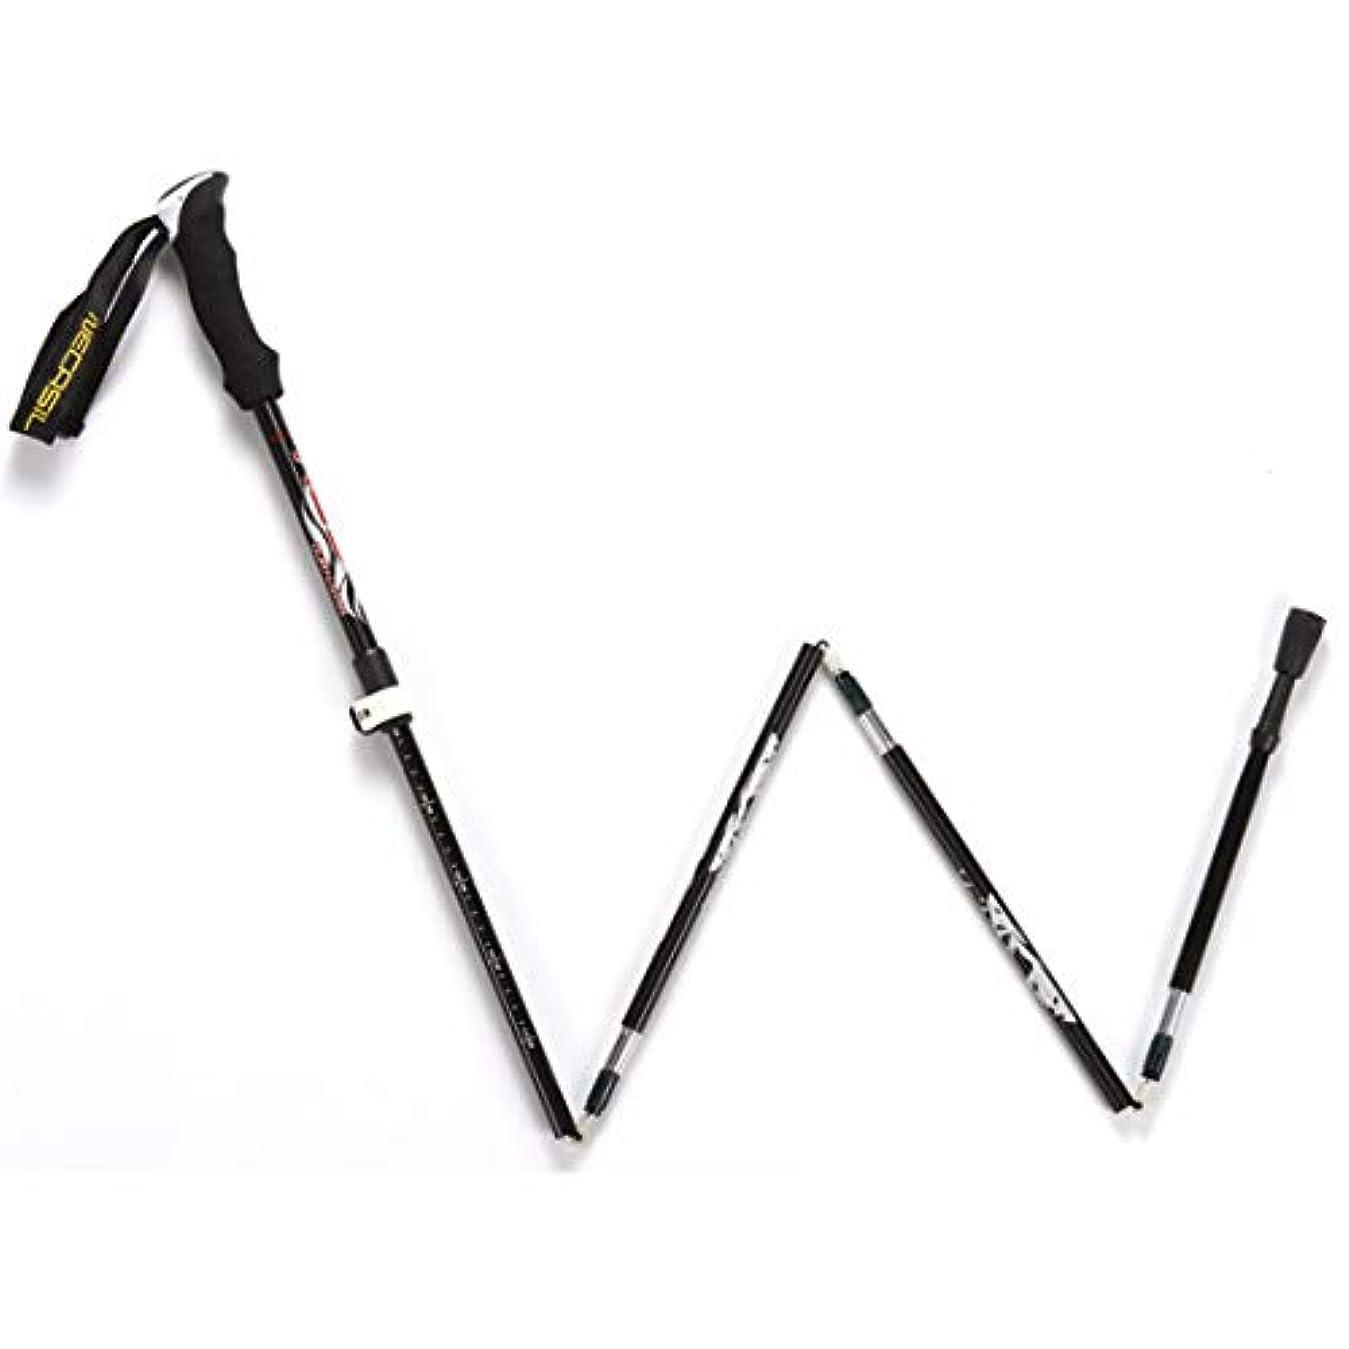 批判的に競合他社選手スロベニア荒波が百貨店を使う Alpenstocks Ultralightハイキングポータブルウォーキングスティックアルミ合金5セクションテレスコピックFolding Alpenstock屋外スポーツマン (色 : A006, サイズ : 36-135cm)